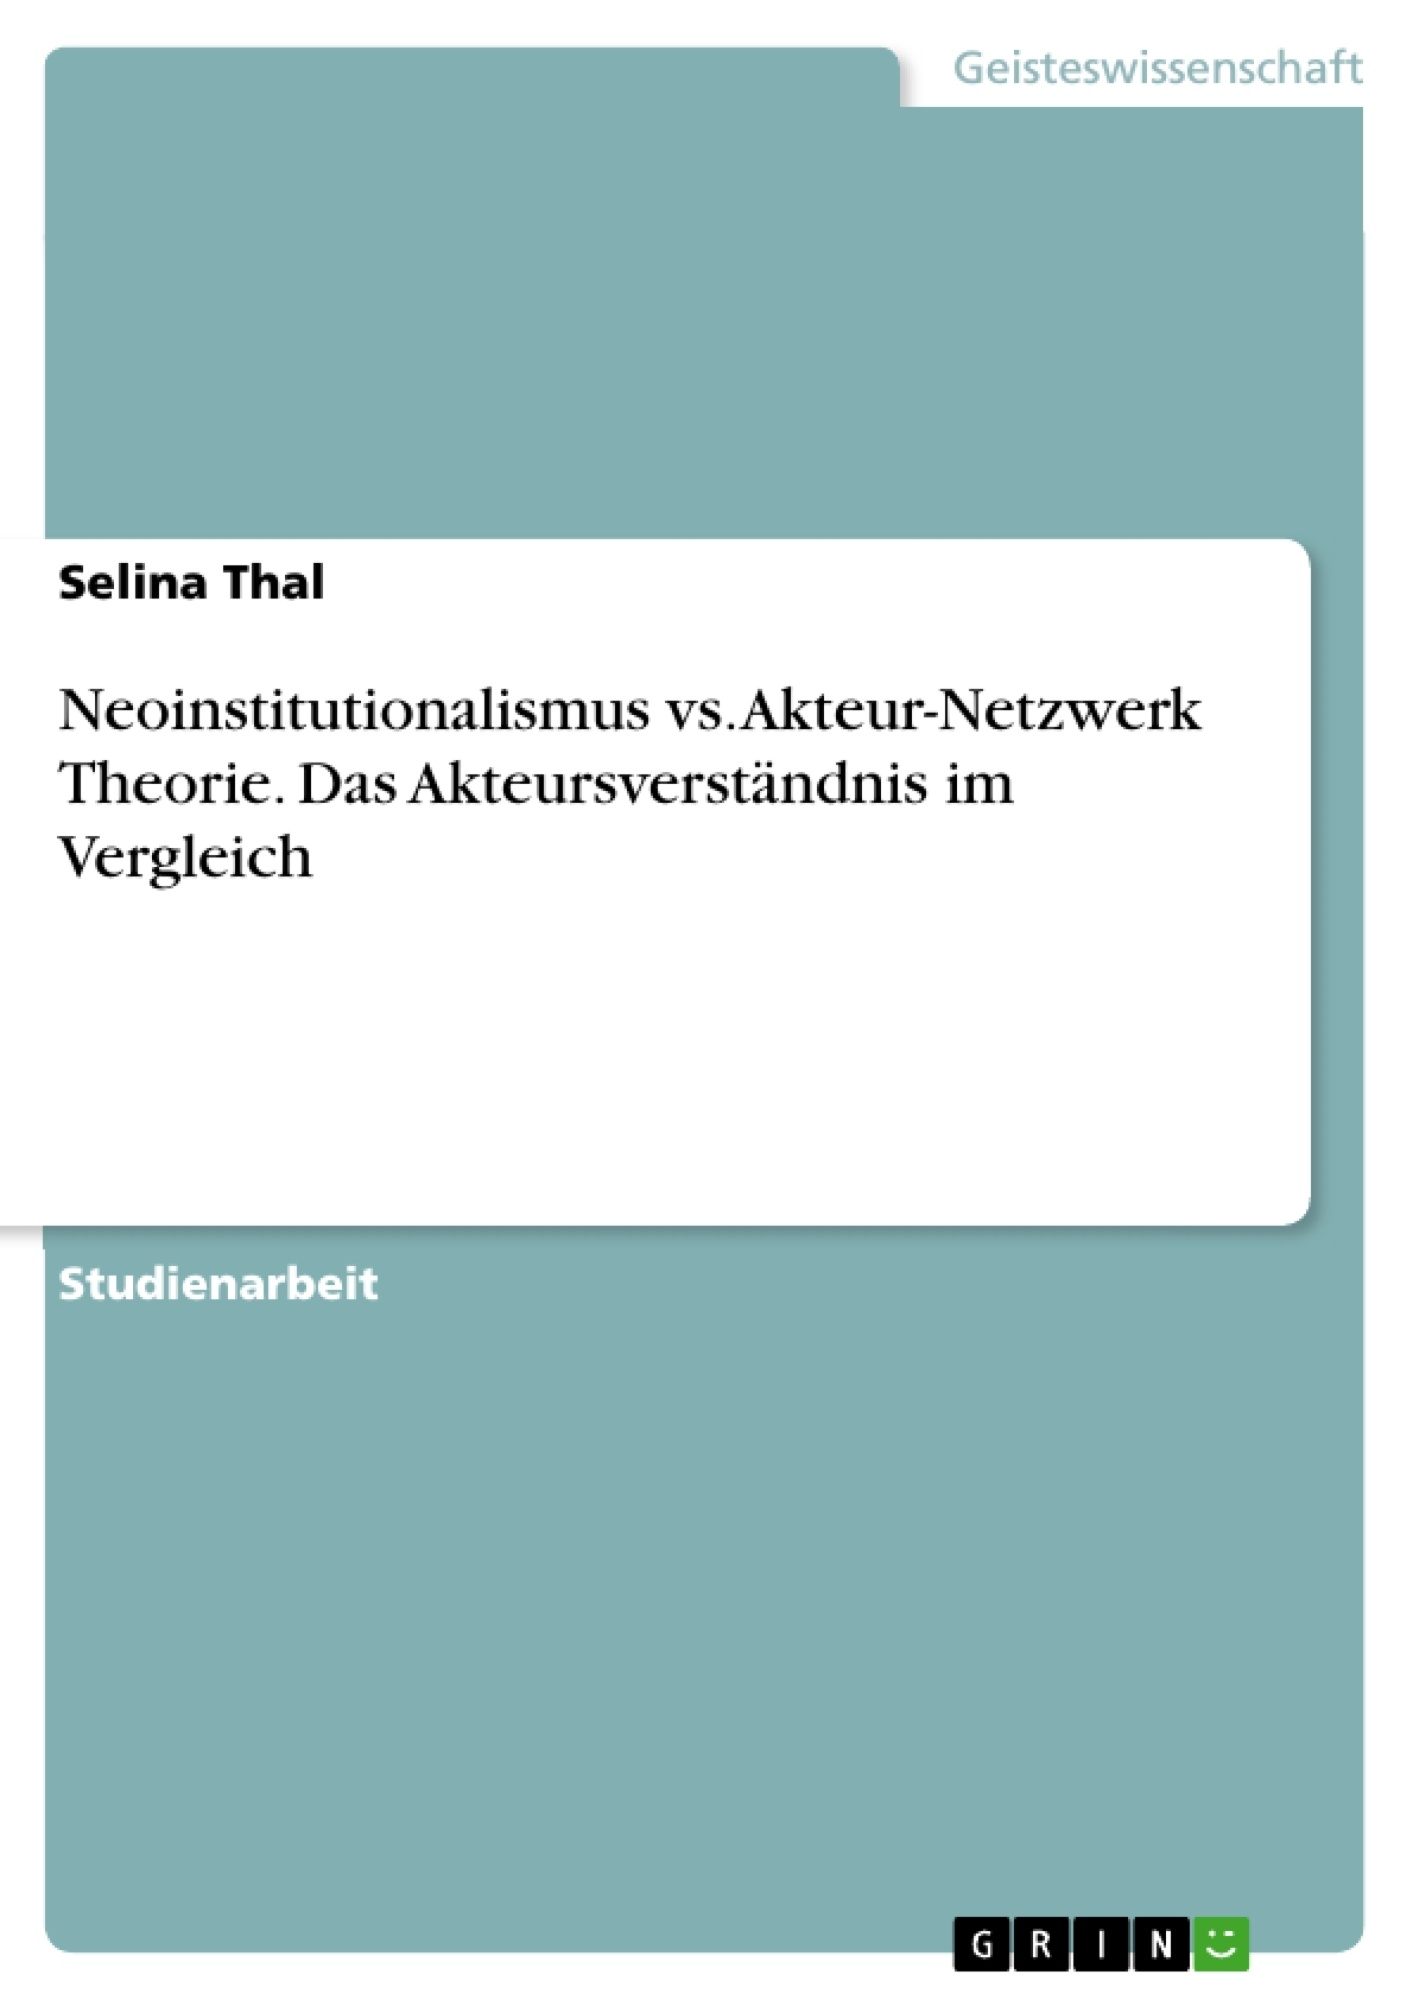 Titel: Neoinstitutionalismus vs. Akteur-Netzwerk Theorie. Das Akteursverständnis im Vergleich